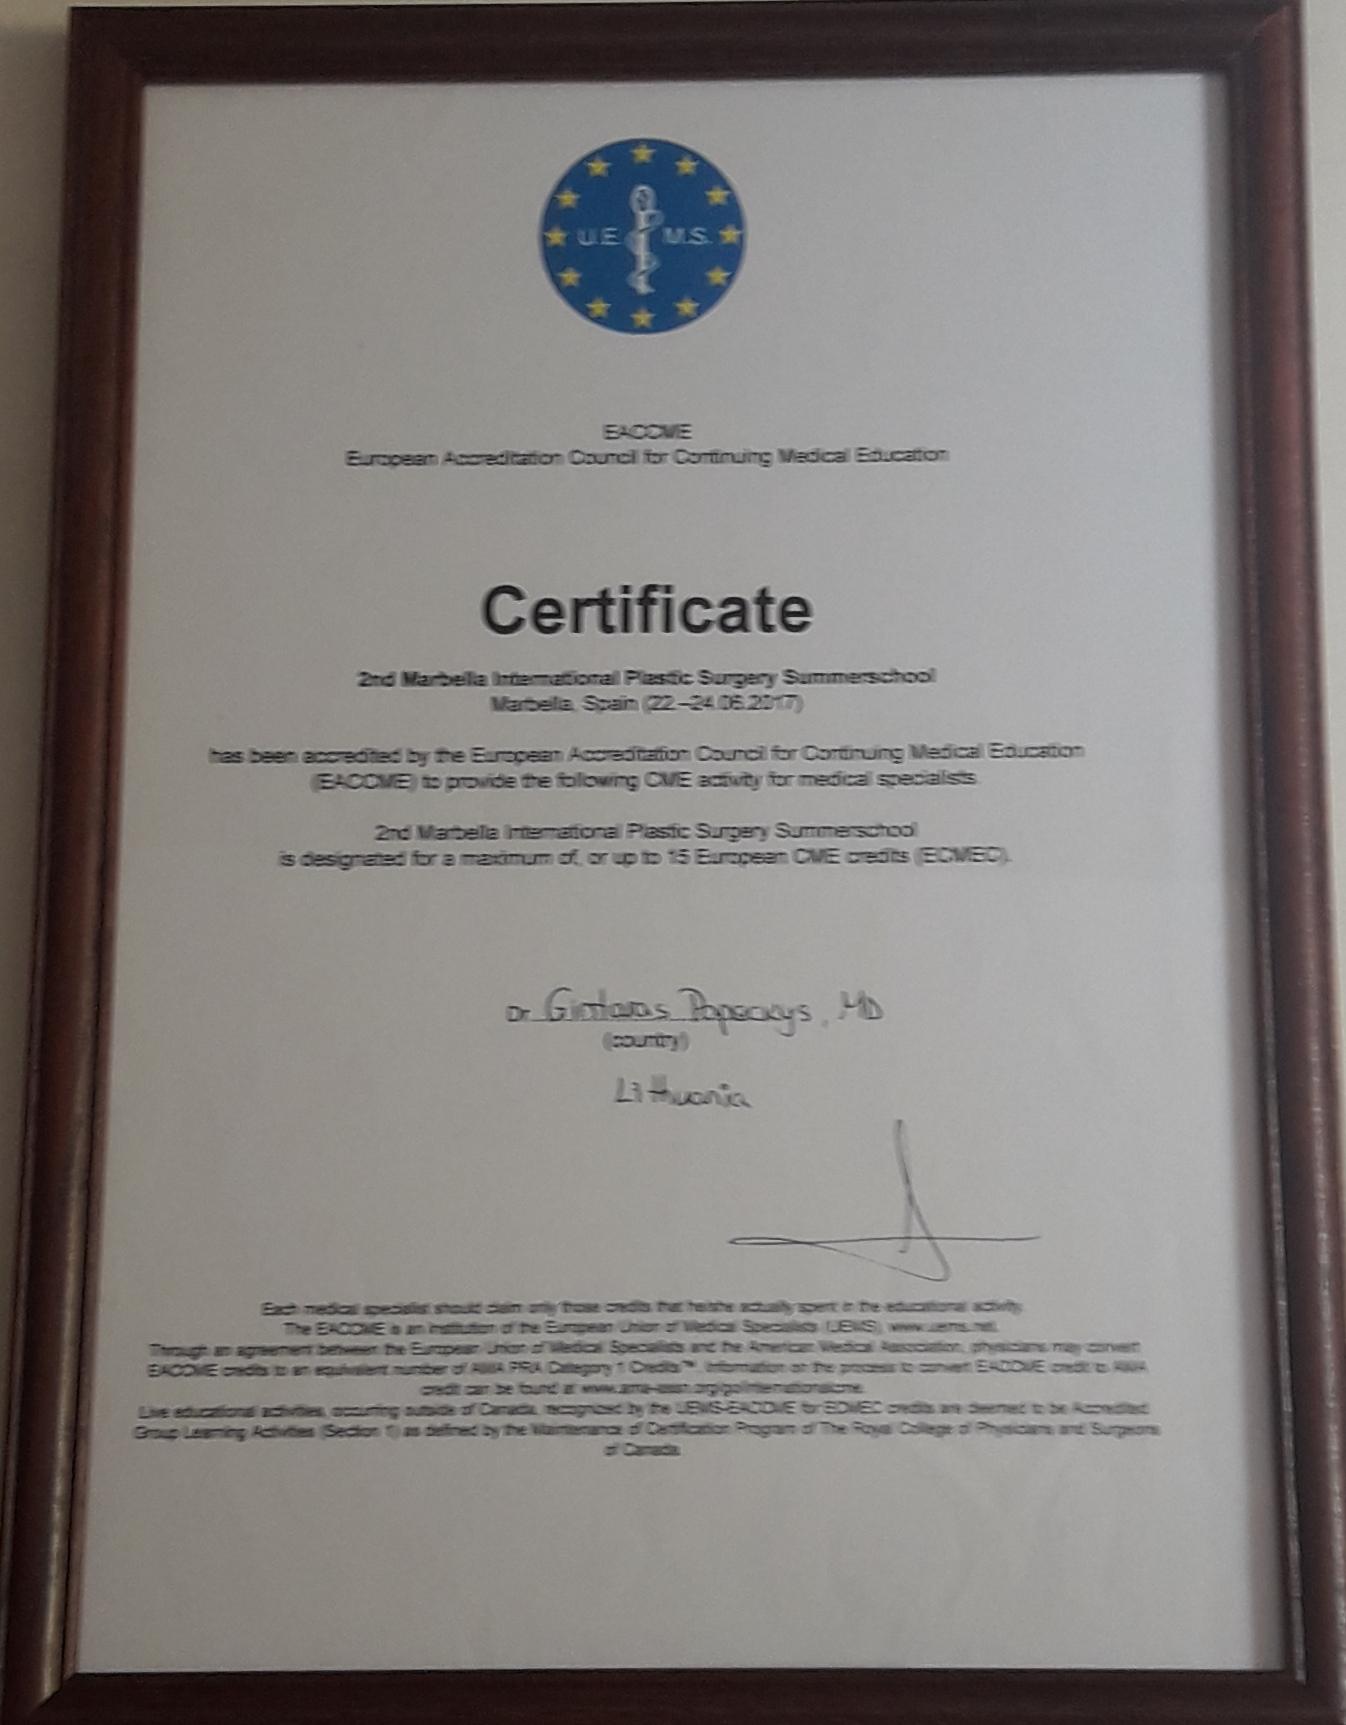 Gintaras Papeckys sertificate